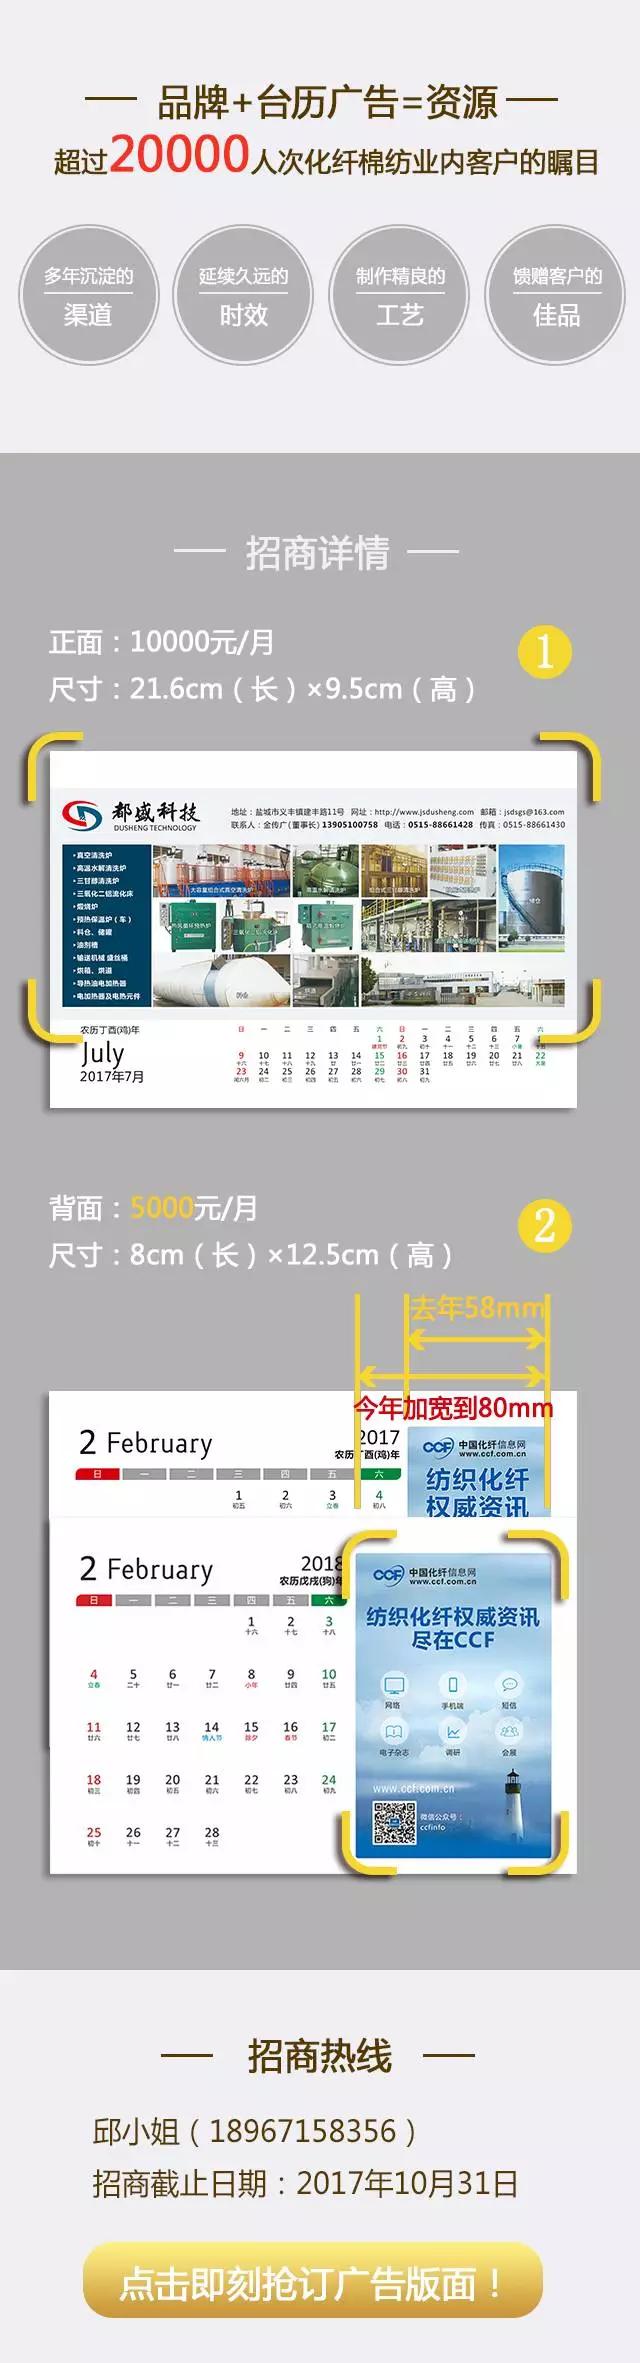 台历招商项目.png